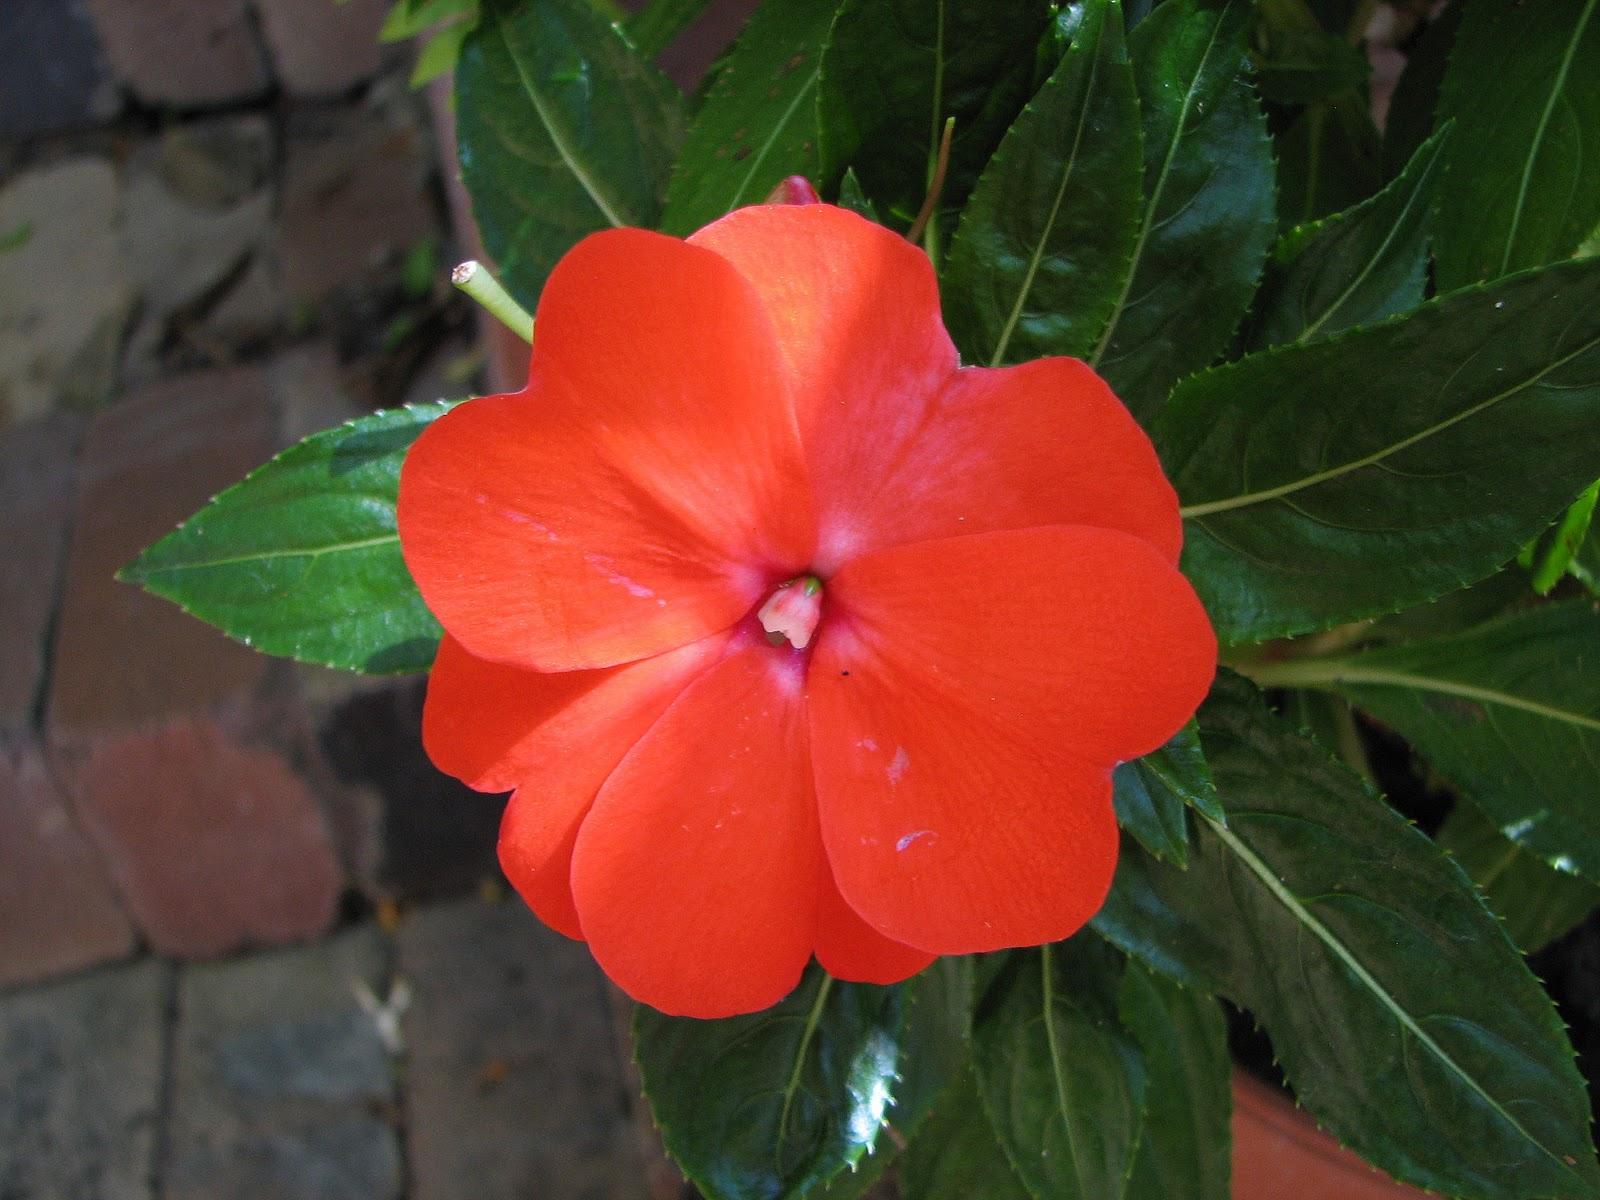 Impatiens Flowers Beautiful Flowers